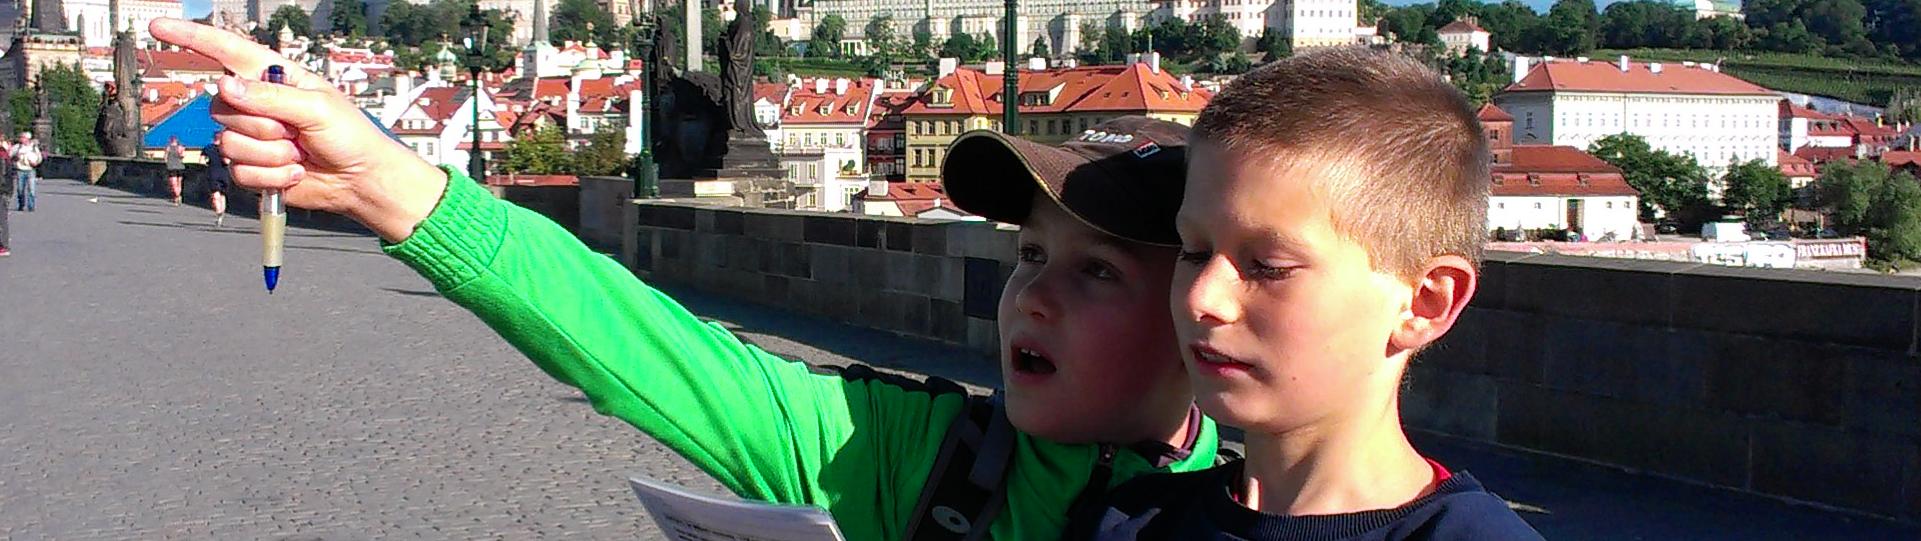 Termíny her v Praze